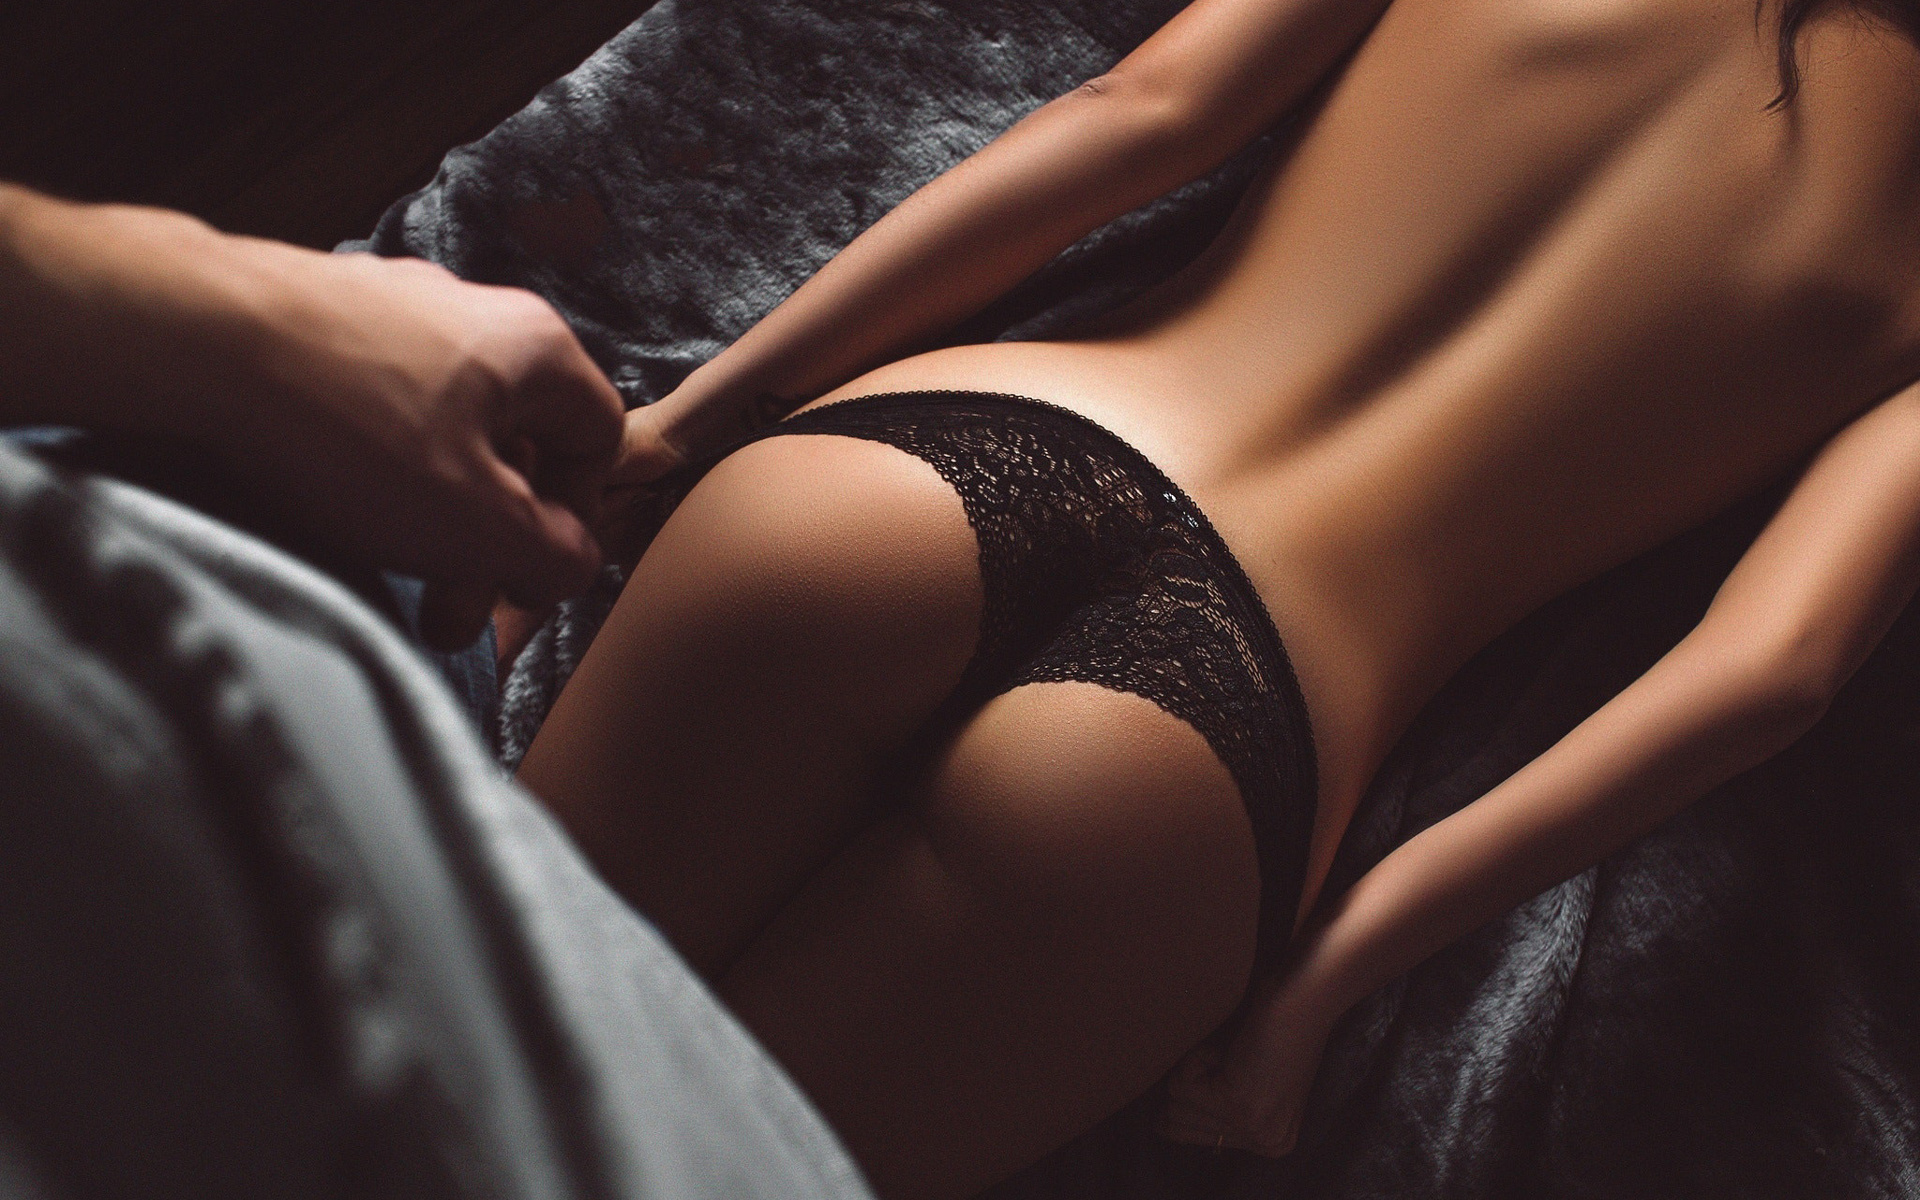 массажистка девушка отшлепает попки девушку возможностью создать